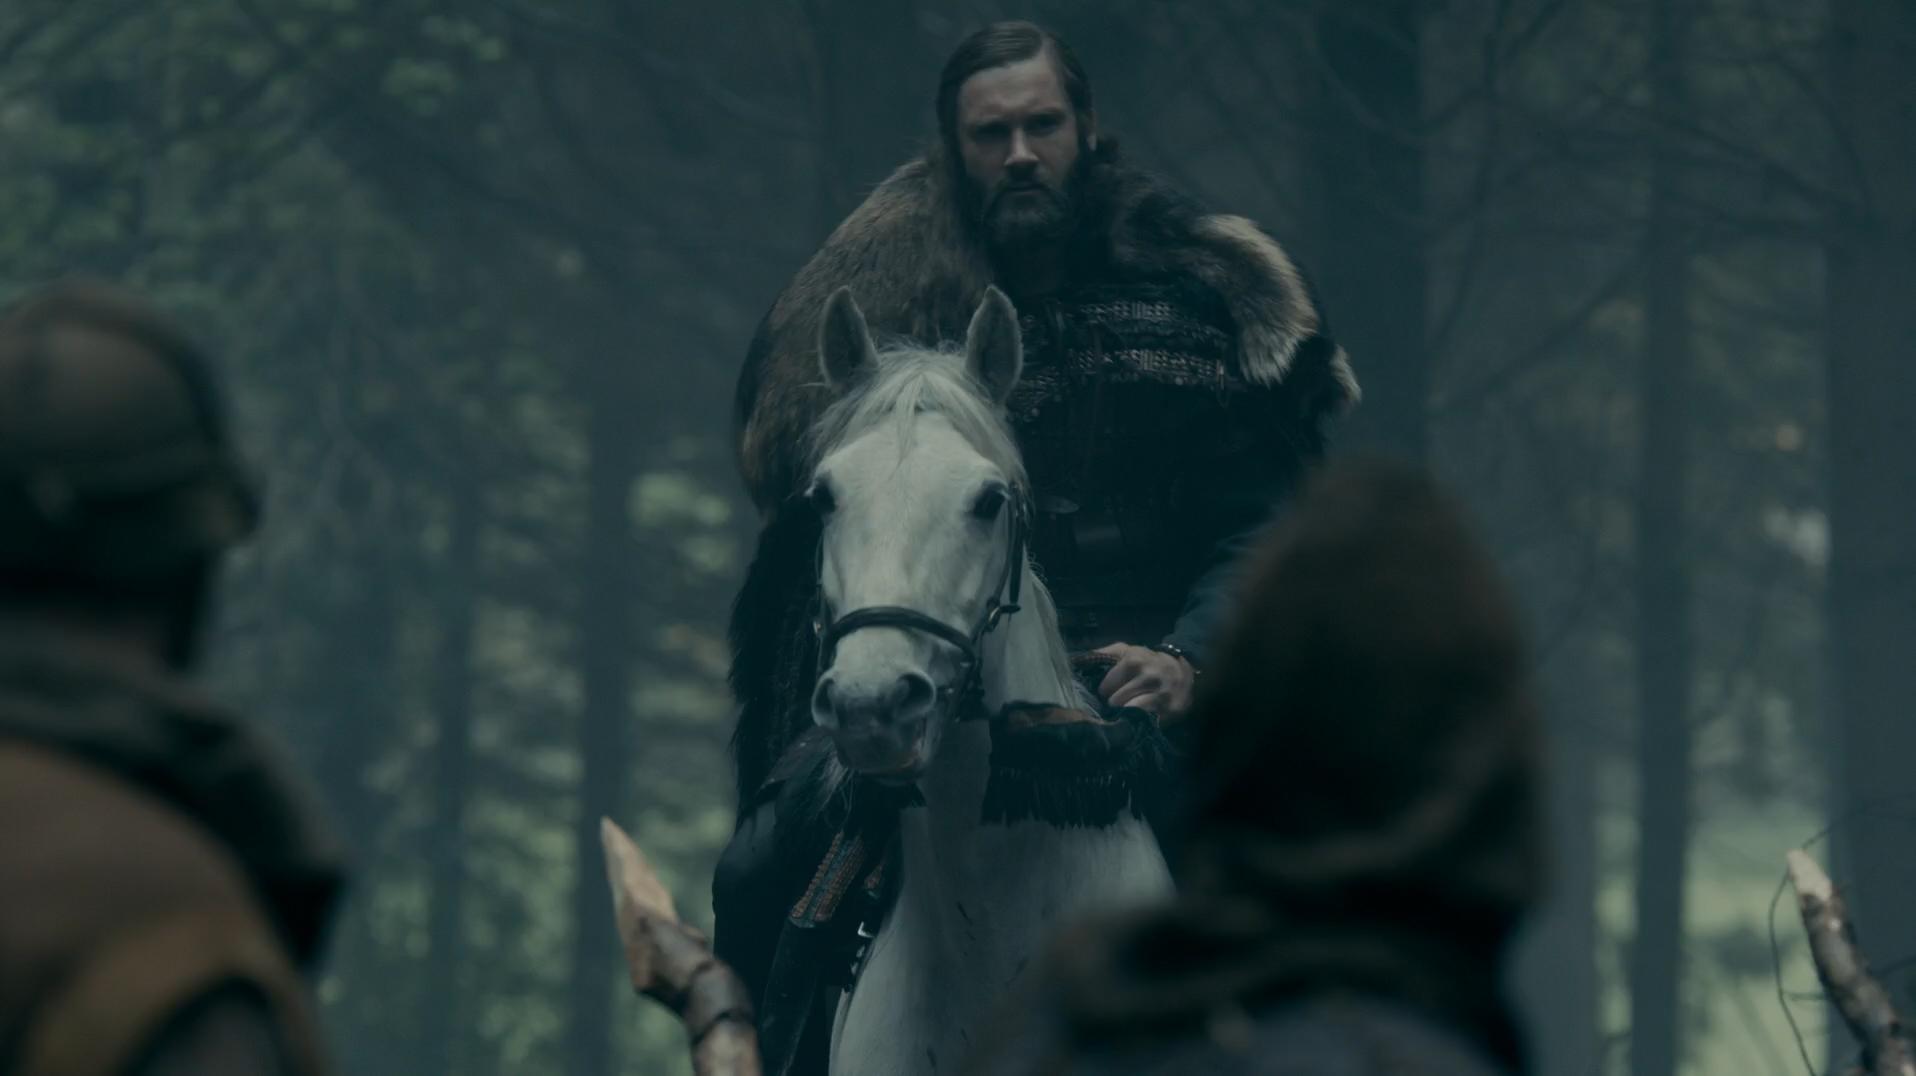 Кадры из фильма викинги 4 сезон lostfilm смотреть онлайн в hd 720